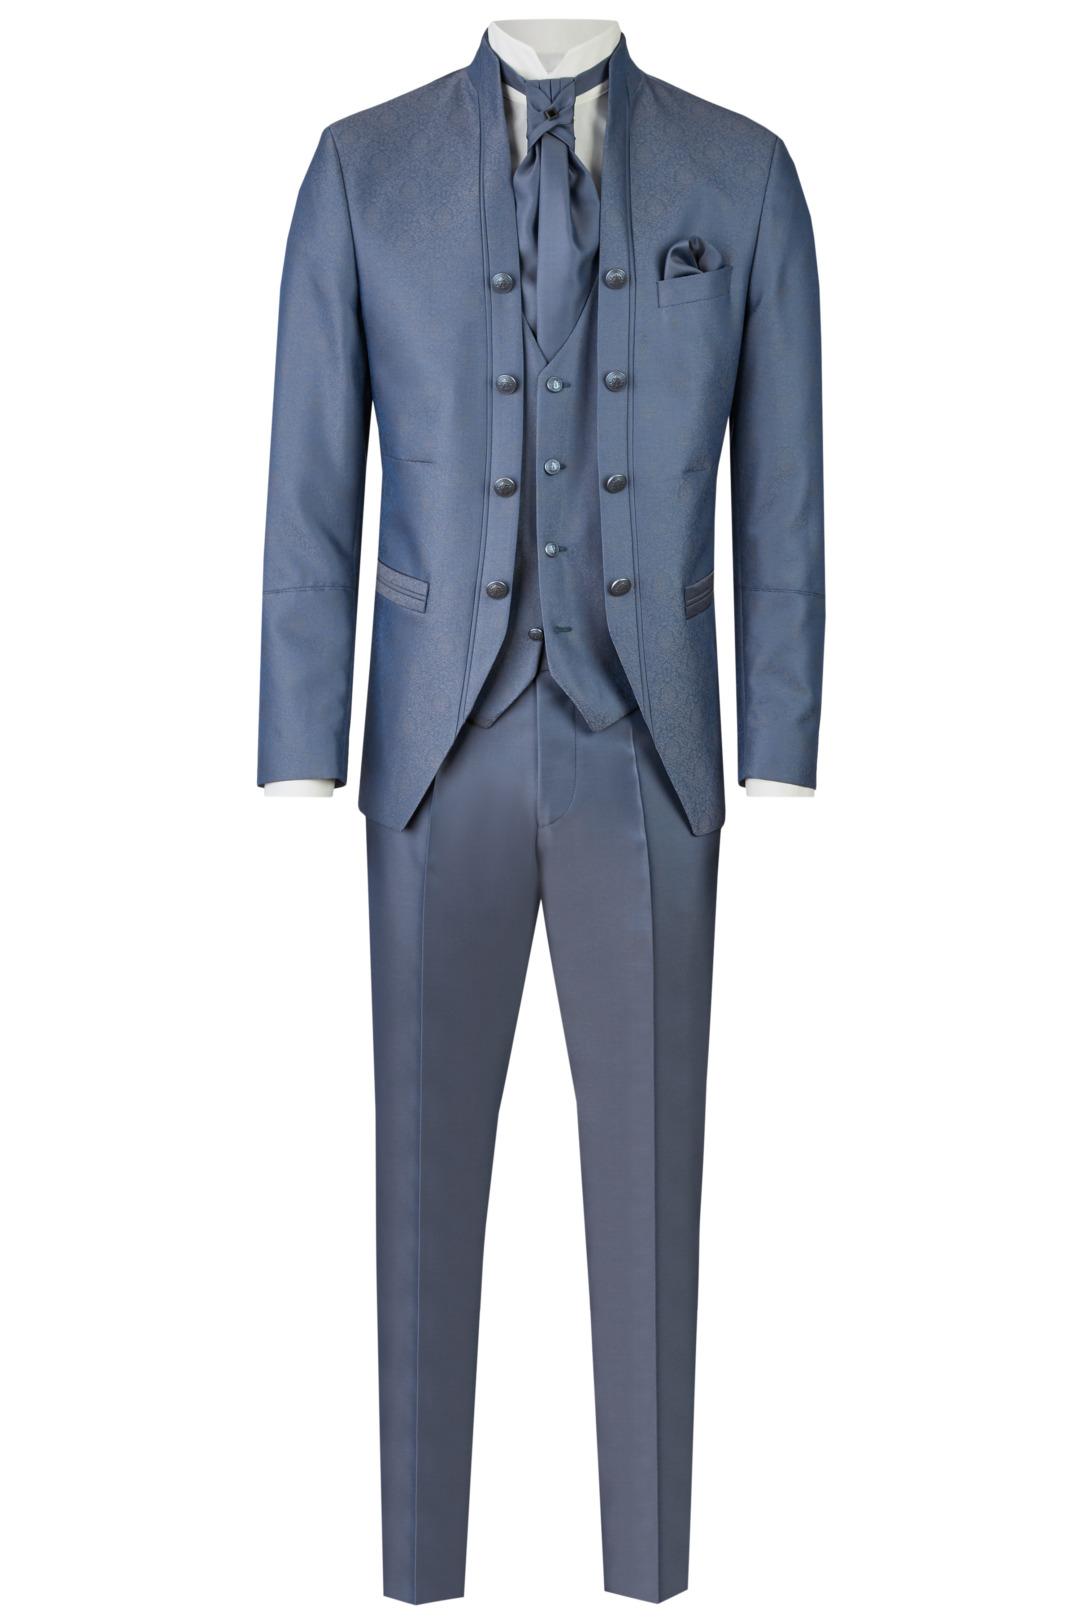 Wilvorst Tziacco Hochzeitsanzug Männer Mode Bräutigam extravagant  mittelblau blau wil_0121_otf_tz-look-4_1